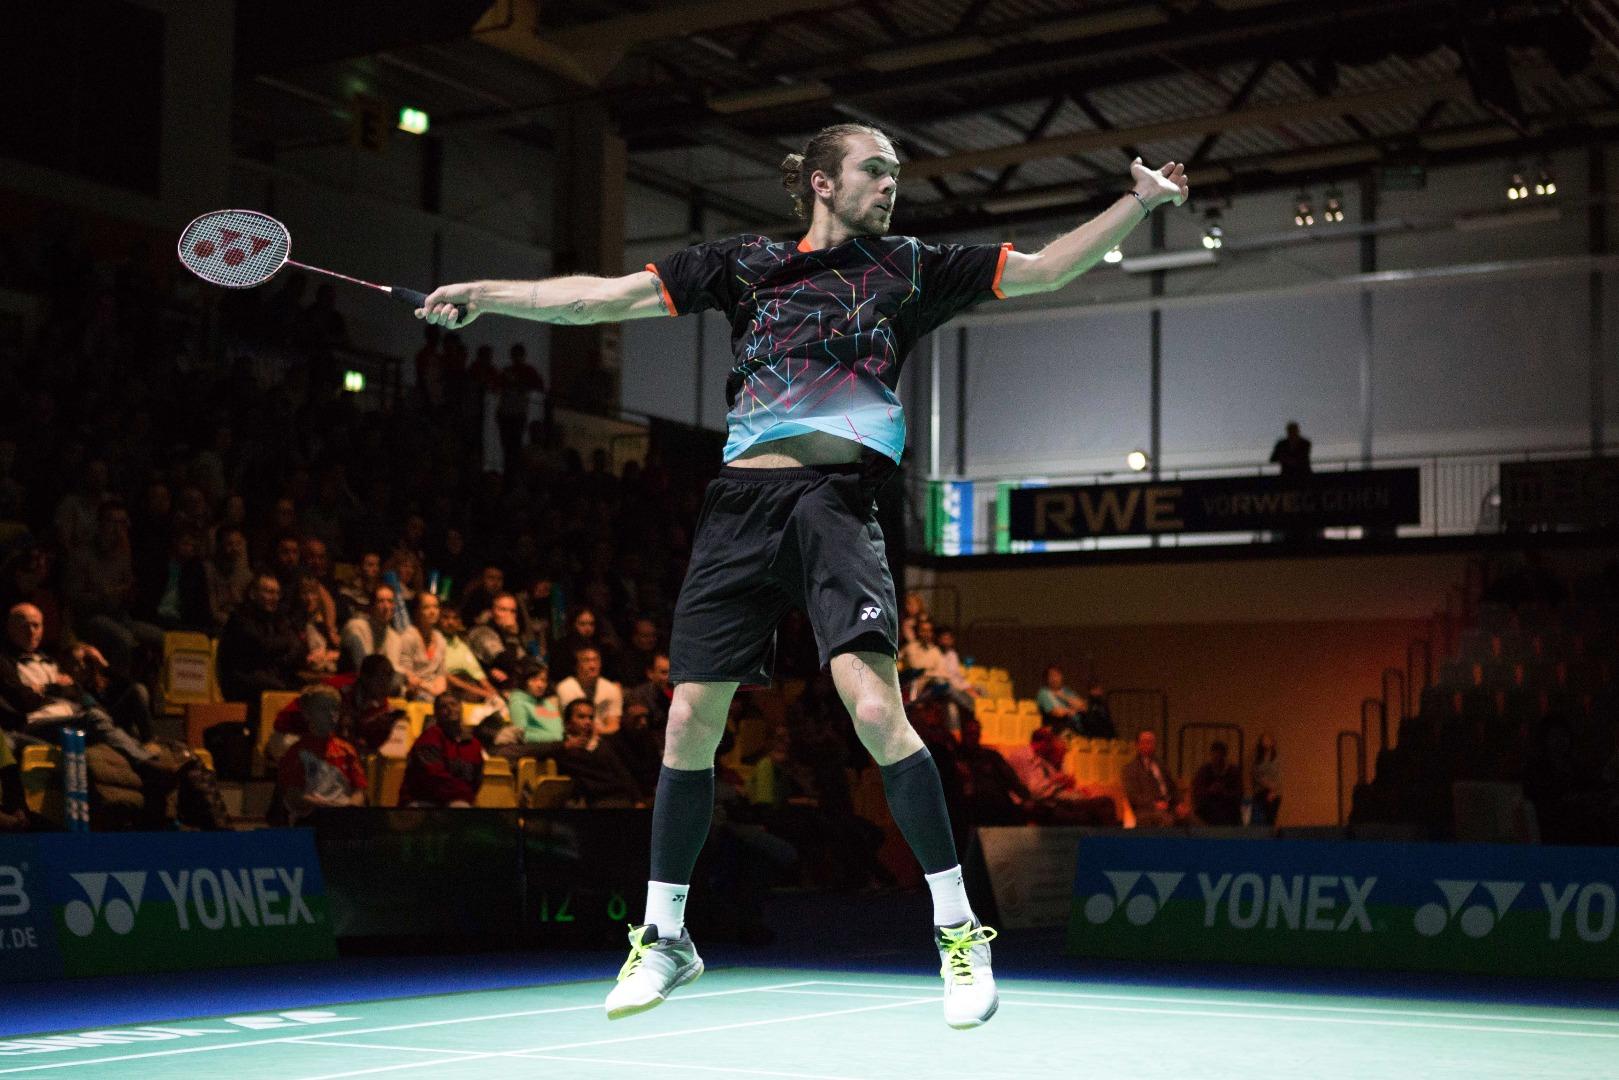 Yonex German Open 1